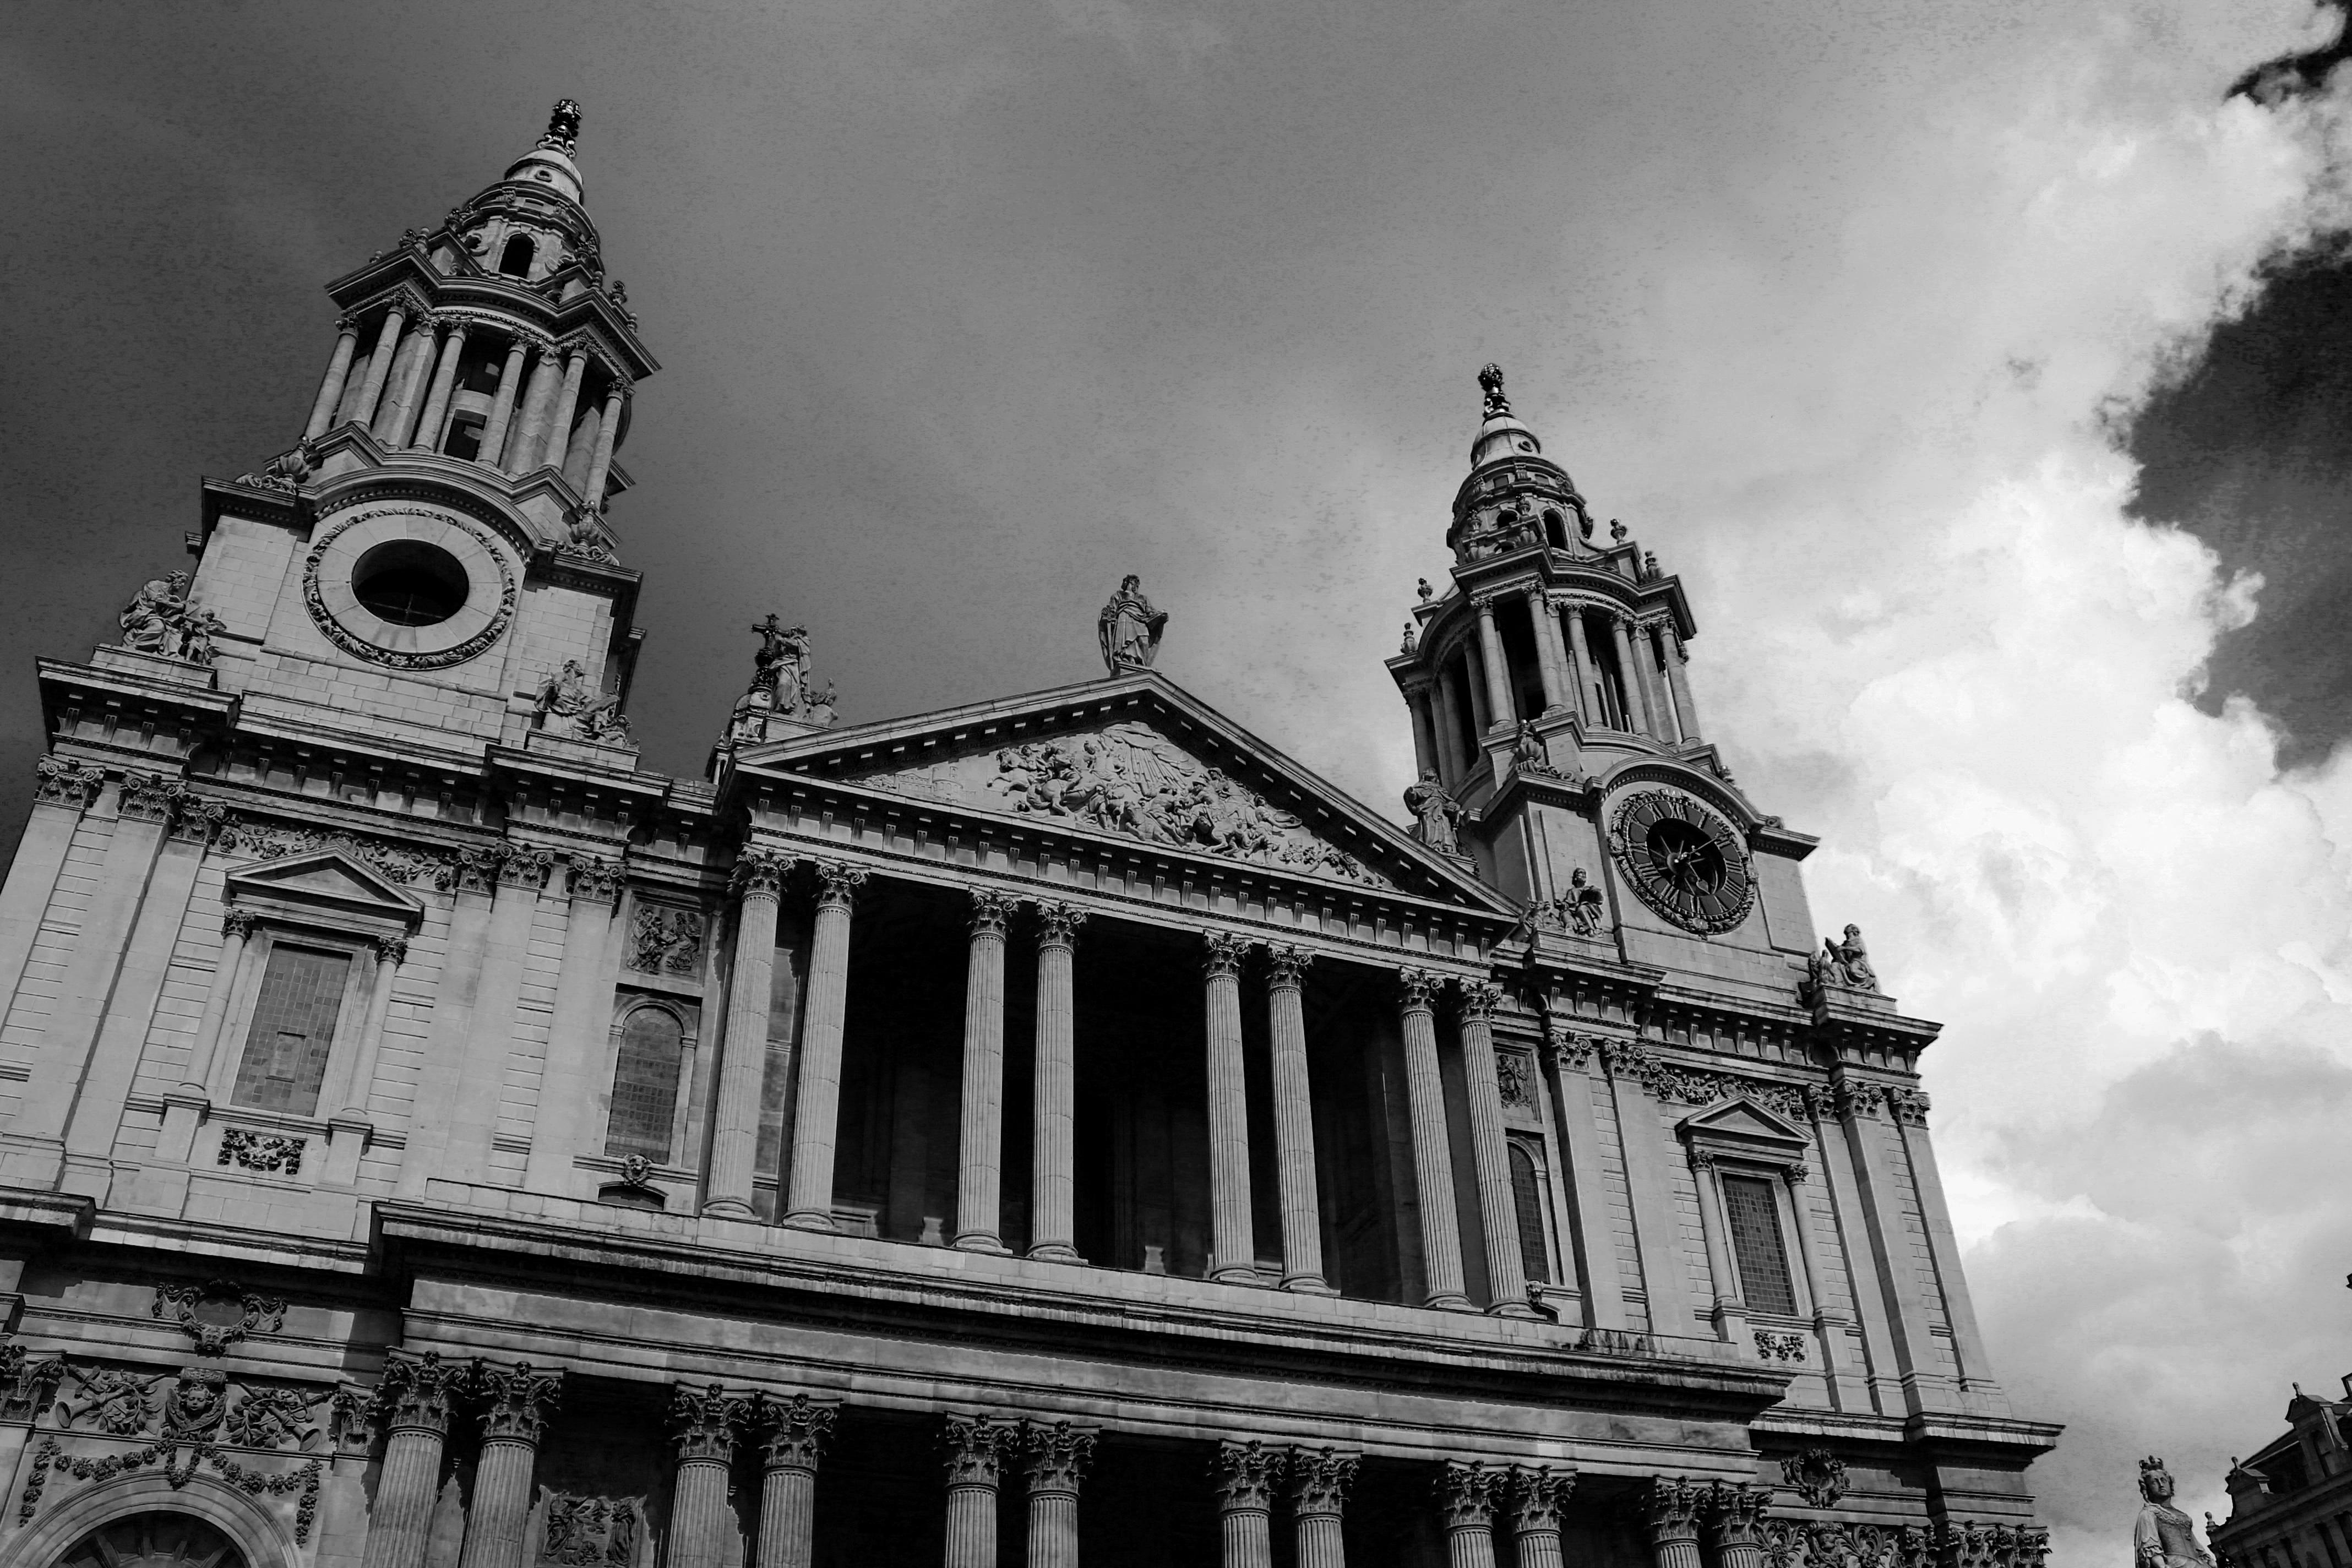 svart og hvit arkitektur bygning bybildet tårn landemerke fasade kirke katedral monokrom gudshus metropolis monokrom fotografering